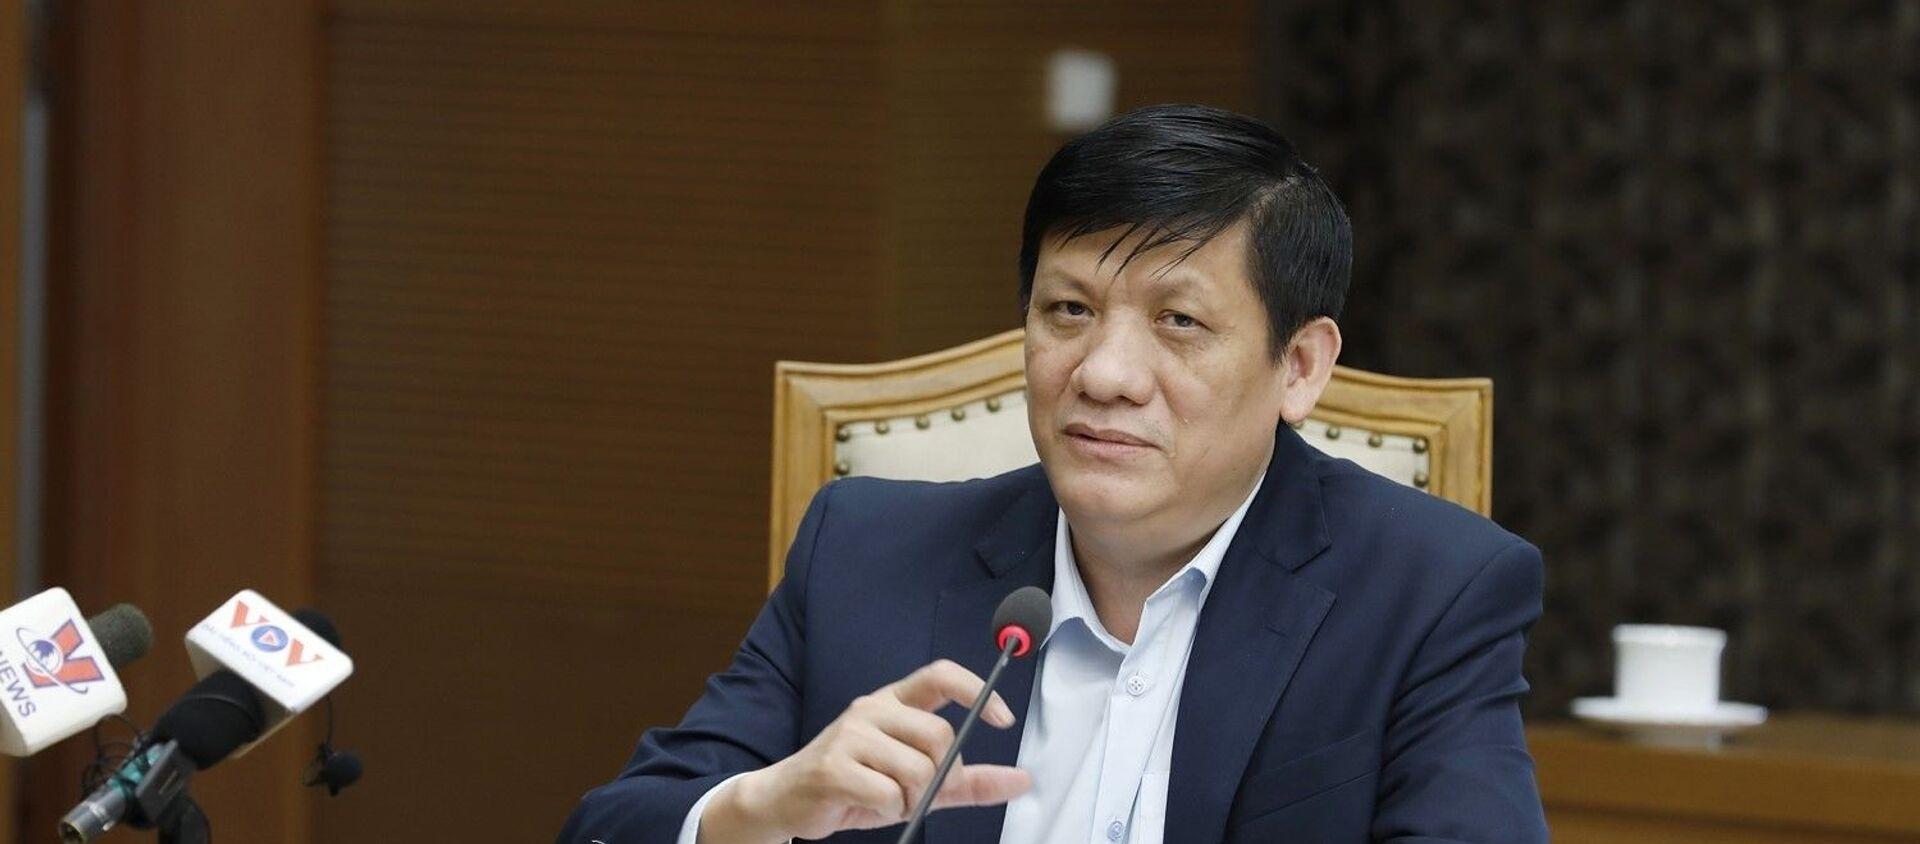 Bộ trưởng Bộ Y Tế Nguyễn Thanh Long phát biểu tại cuộc họp. - Sputnik Việt Nam, 1920, 26.03.2021